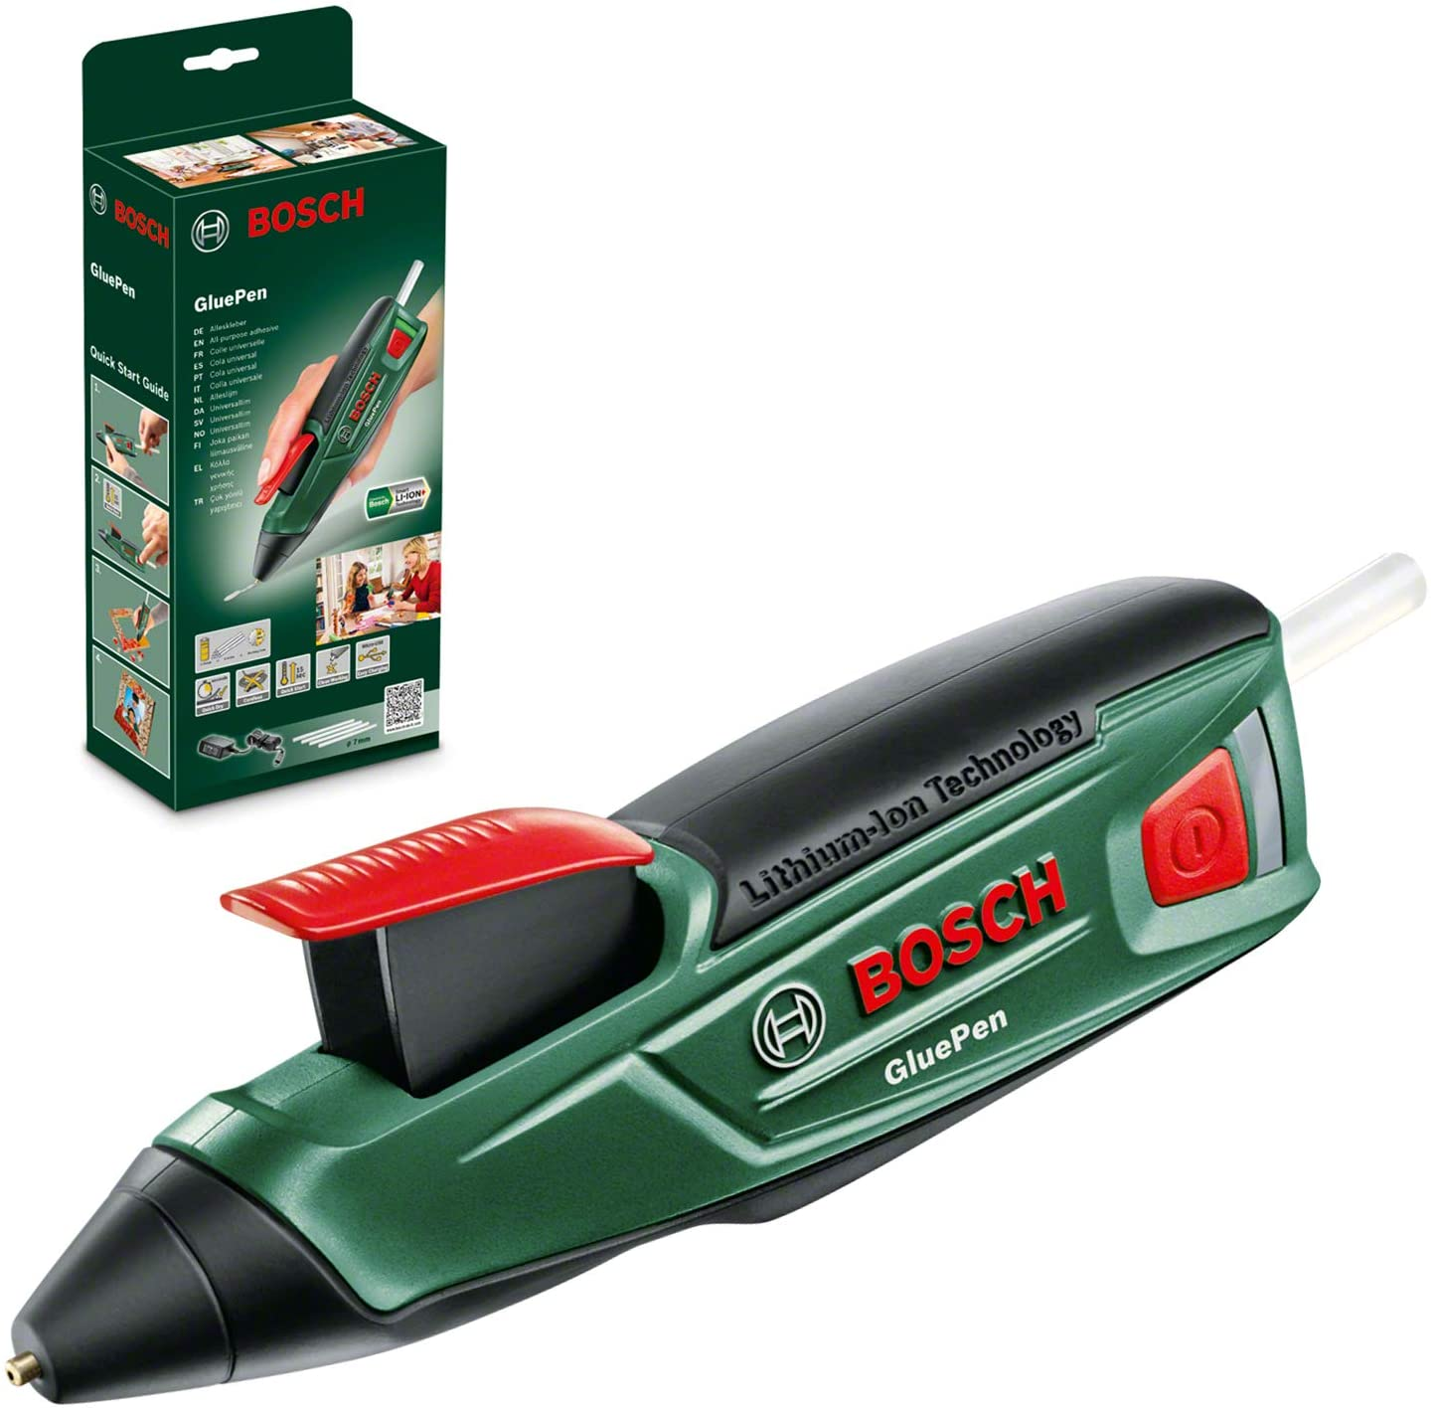 Pistolet à colle Bosch - GluePen (Livré avec chargeur micro-USB + 4 bâtonnets de colle)